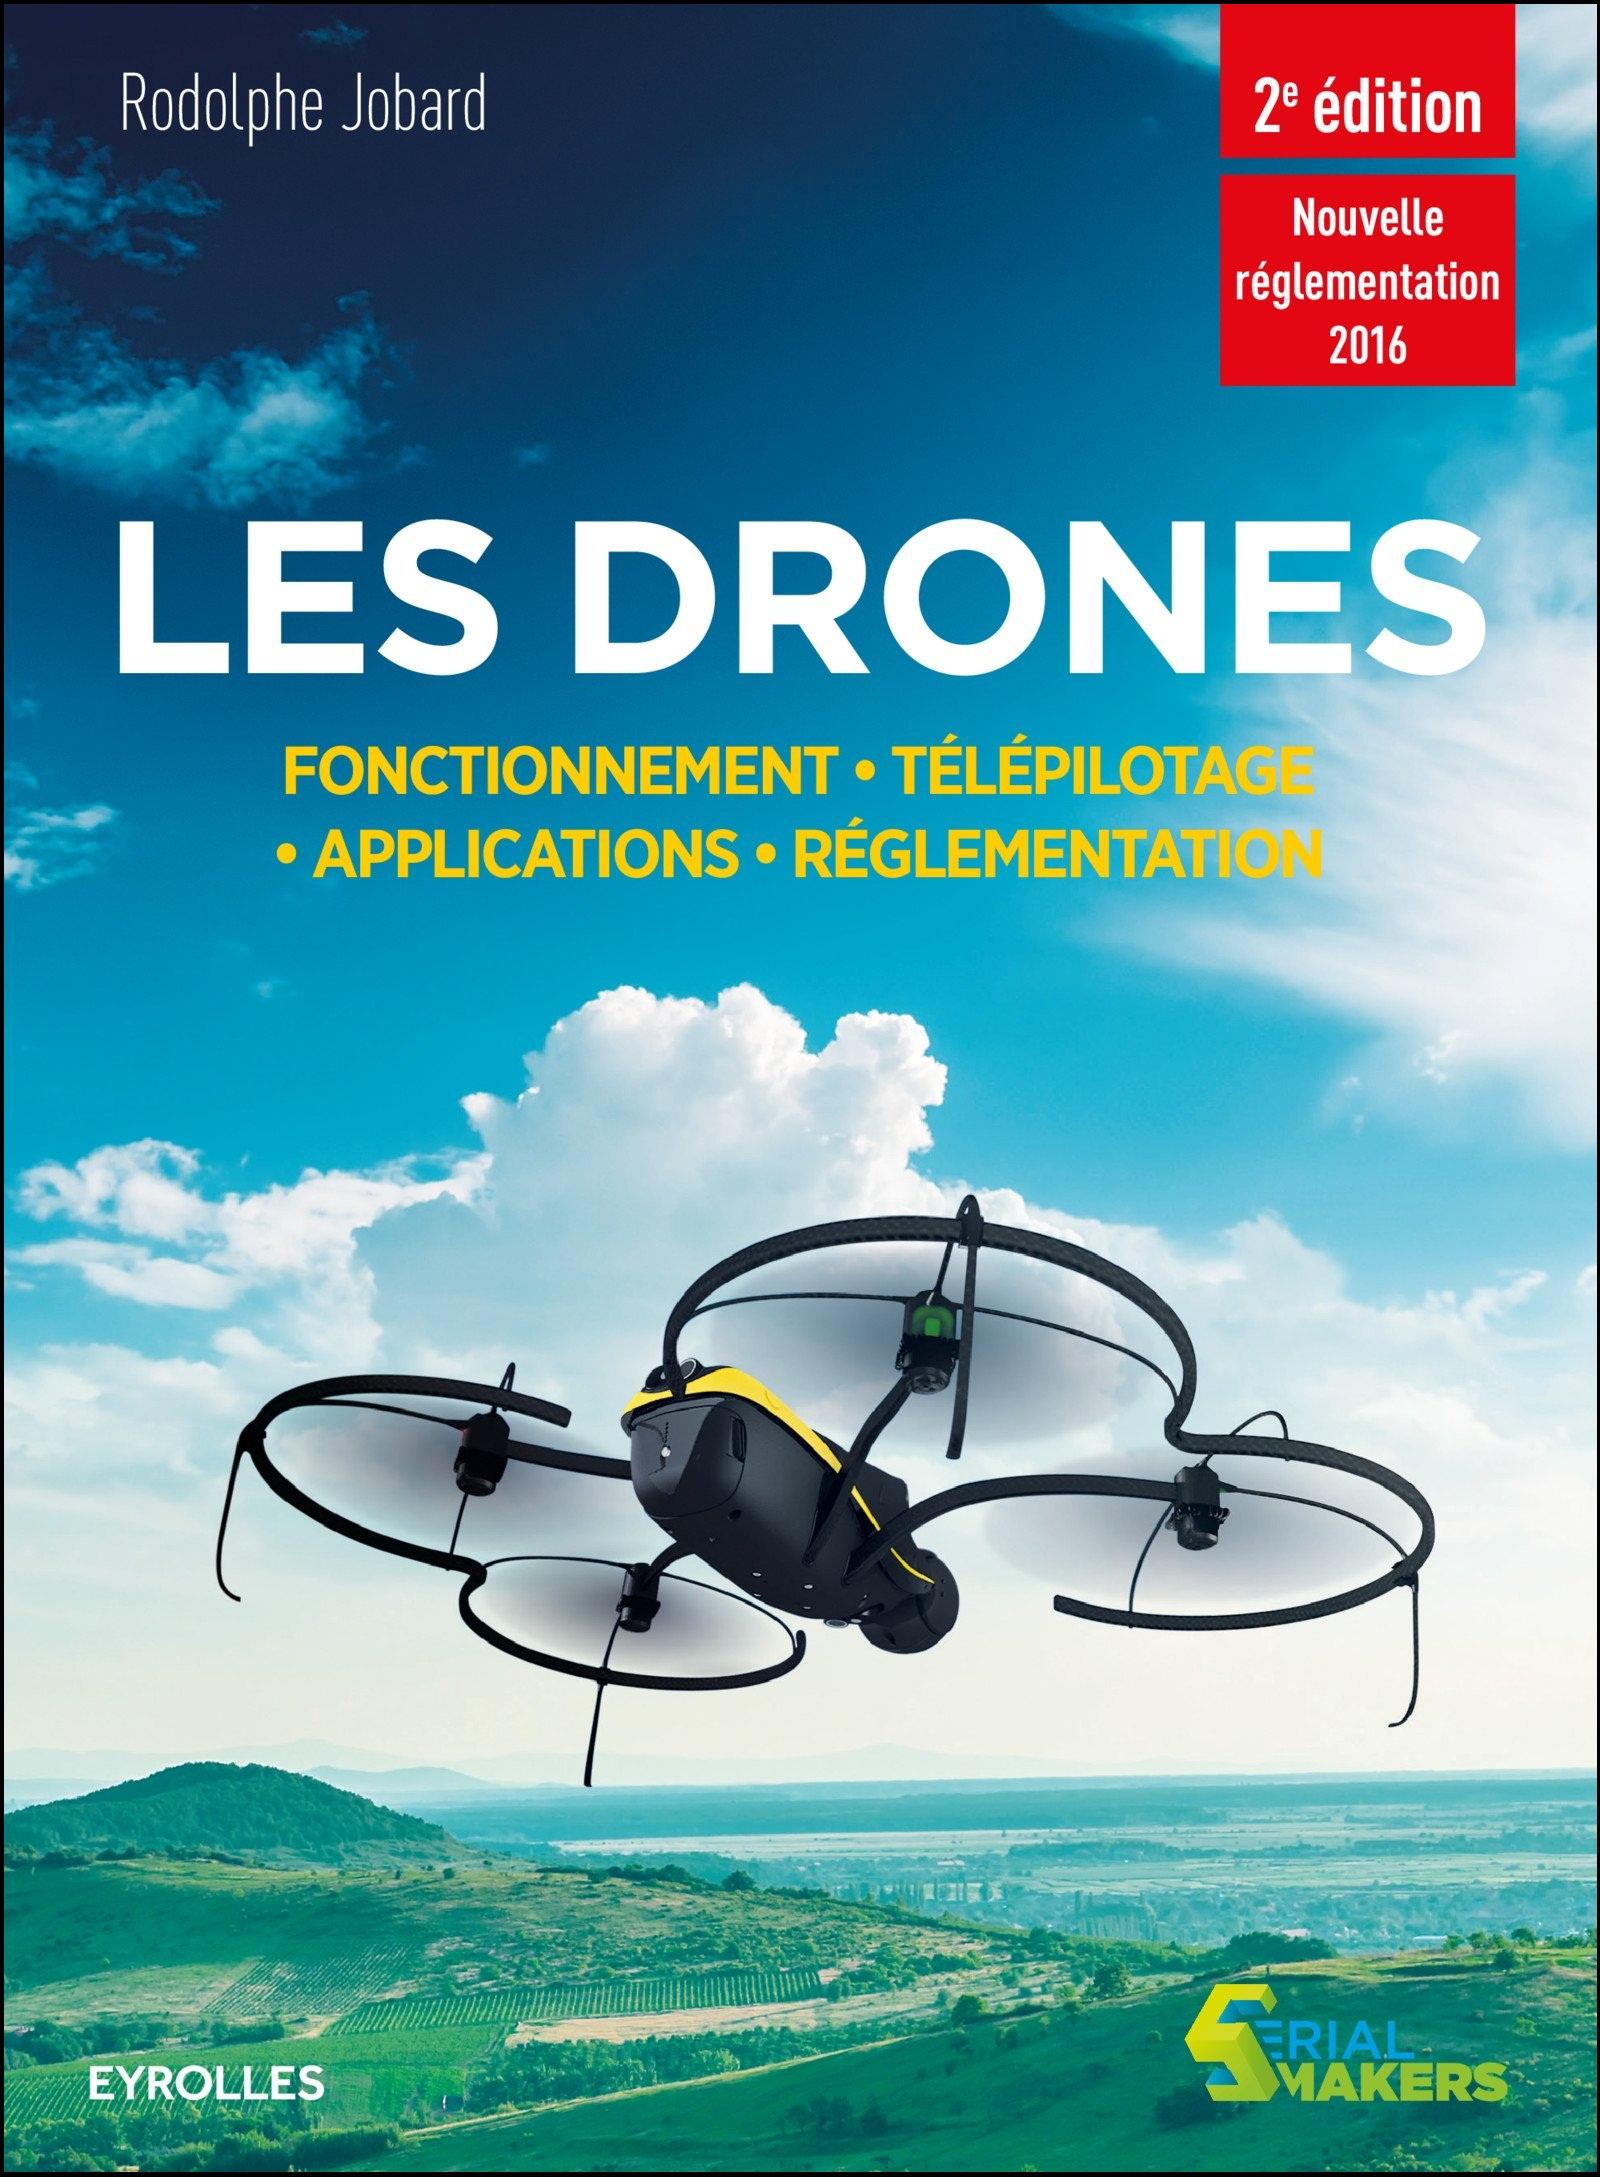 (2016) Les drones - Fonctionnement, télépilotage, applications, réglementation (2e édition)